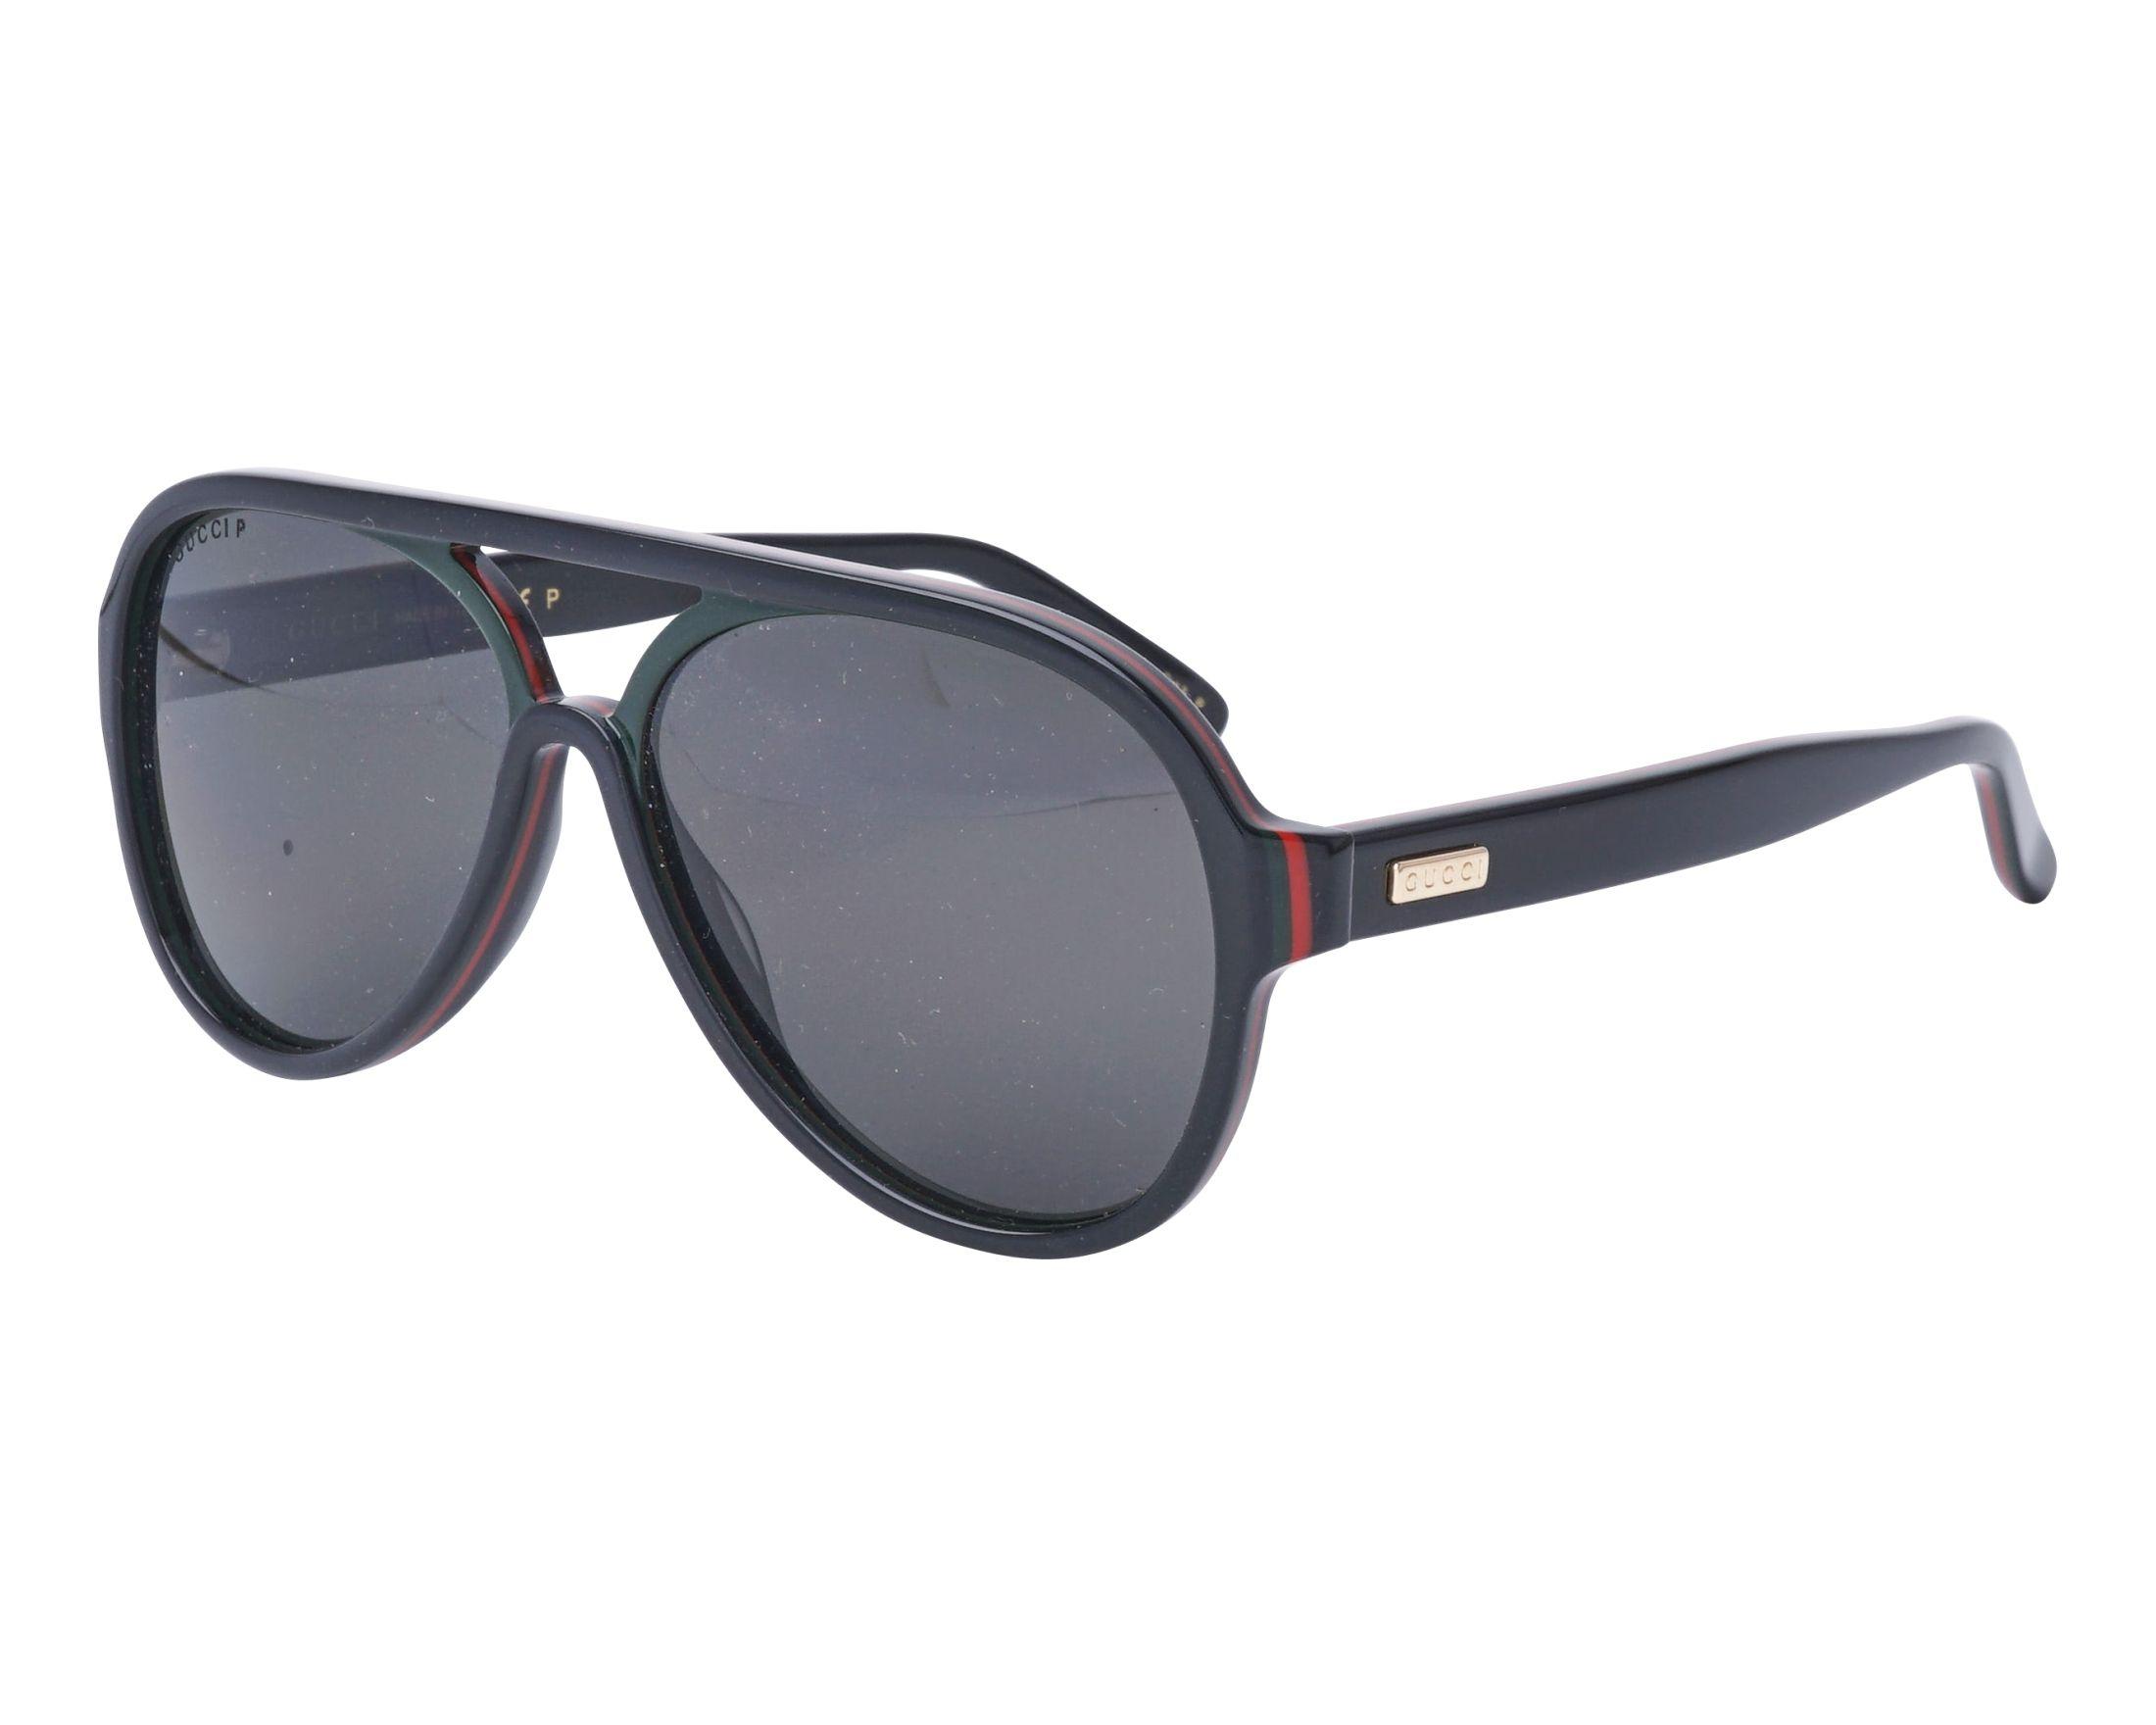 c9679c4731e Sunglasses Gucci GG-0270-S 001 57-14 Black Green profile view